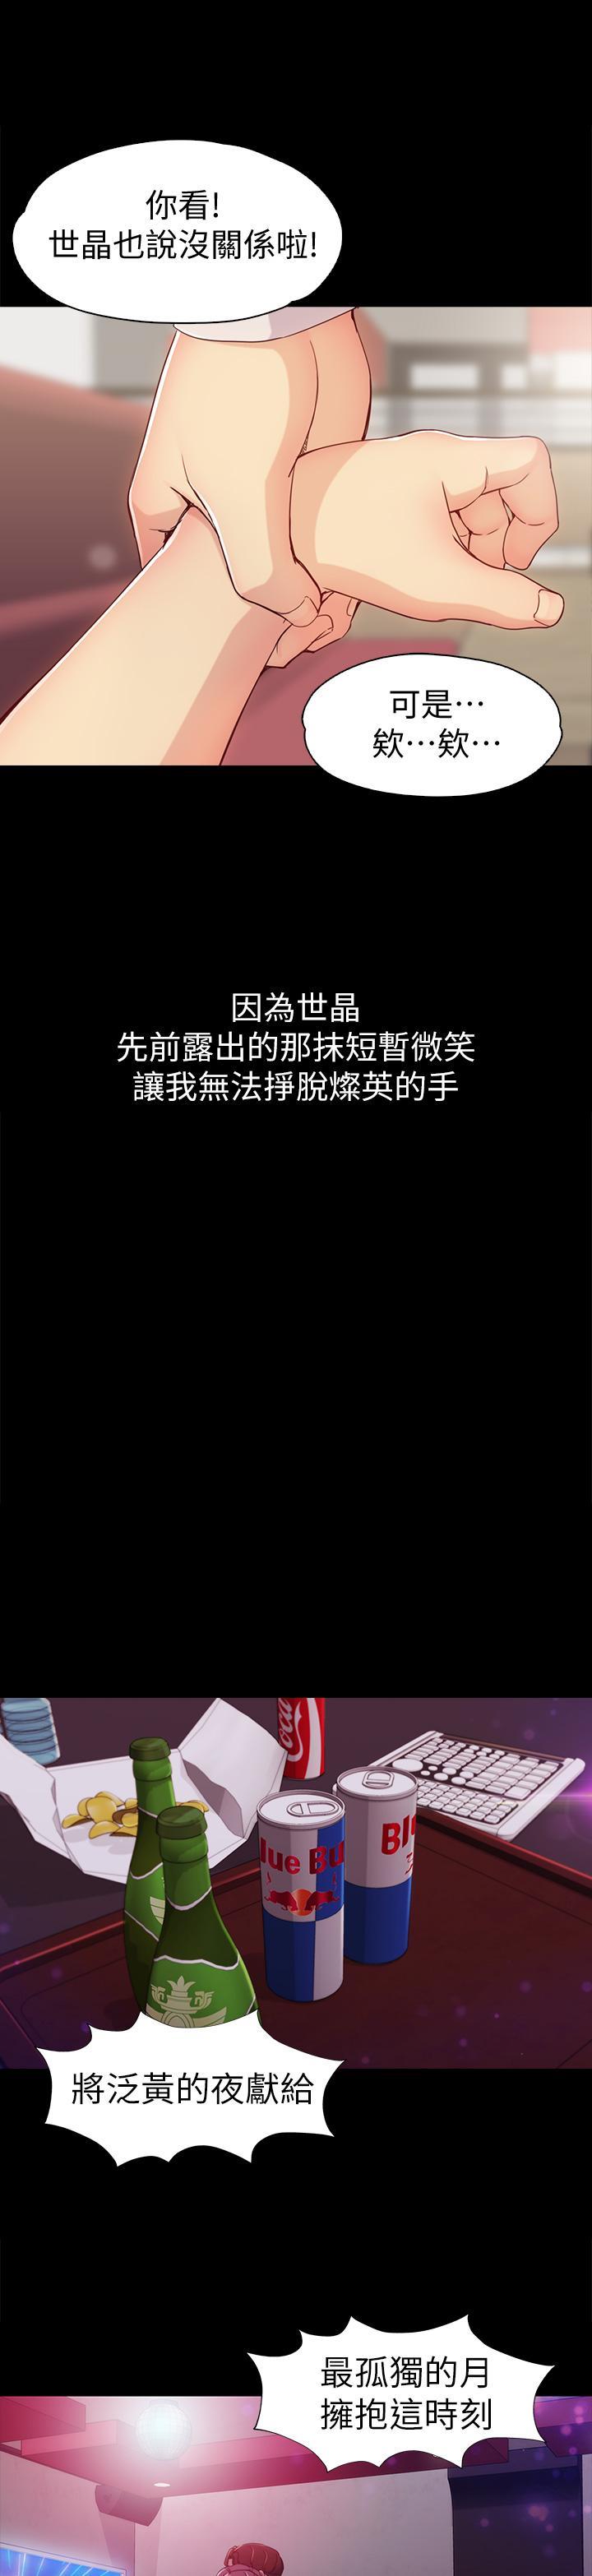 [朴敏&金Zetta]女大生世晶:无法自拔 EP.1(正體中文)高畫質版本 26